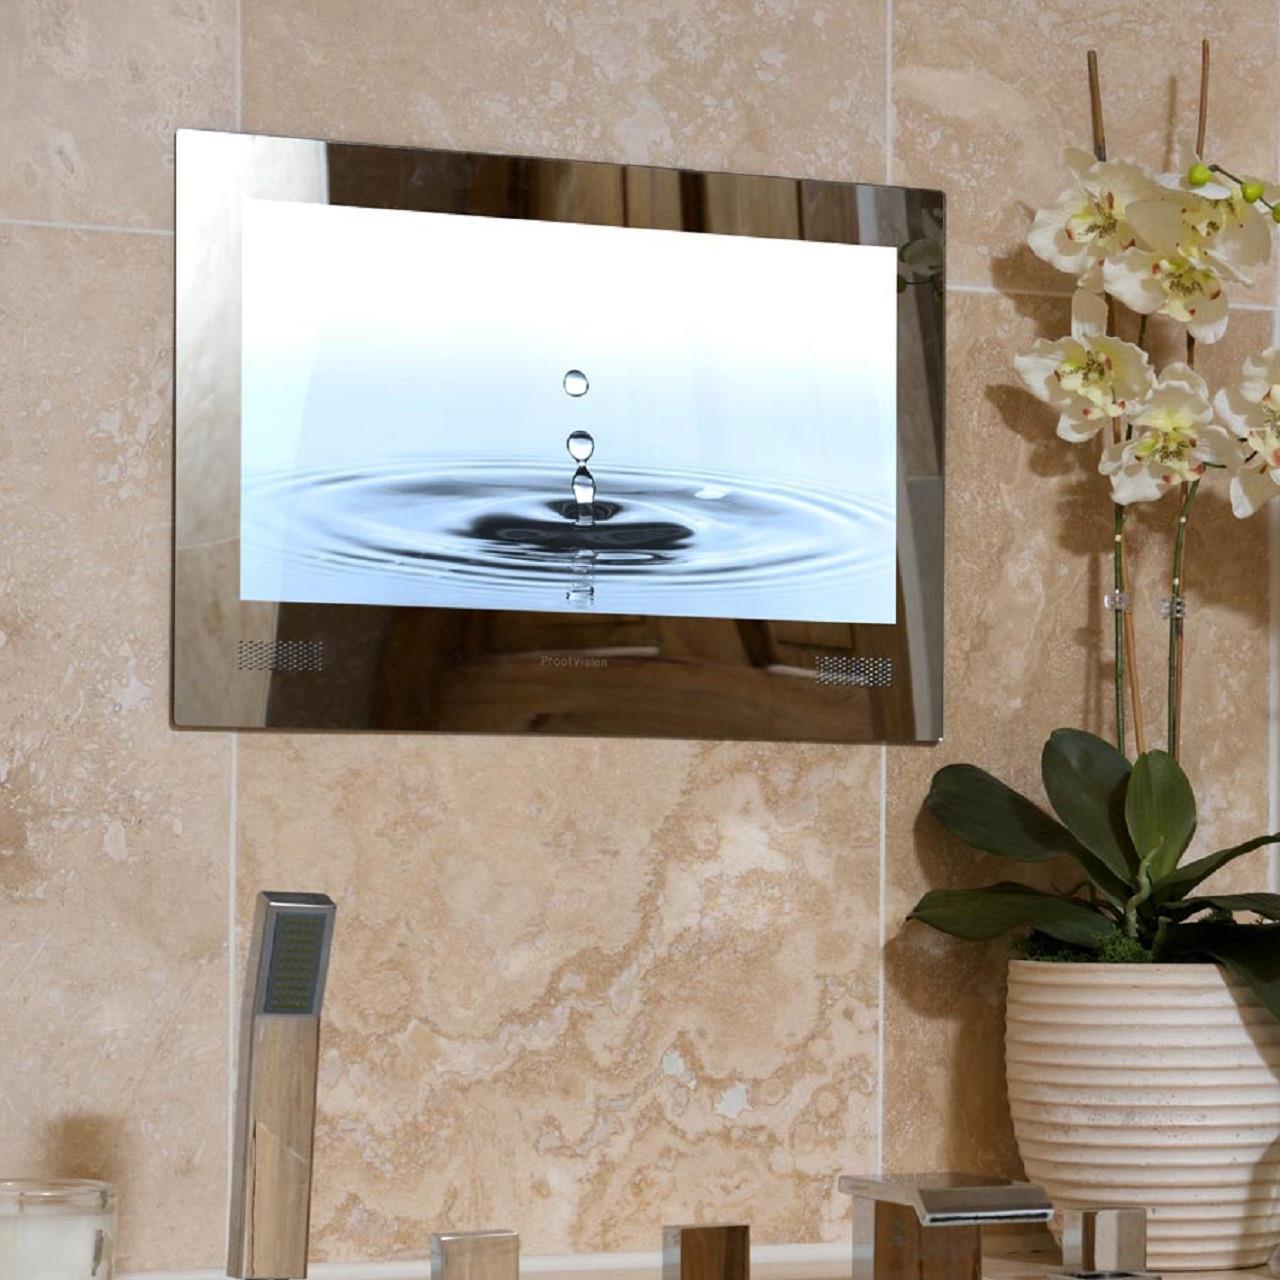 Proofvision 19 Or 24 Mirror Bathroom Ip65 Waterproof Tv Built In Speakers